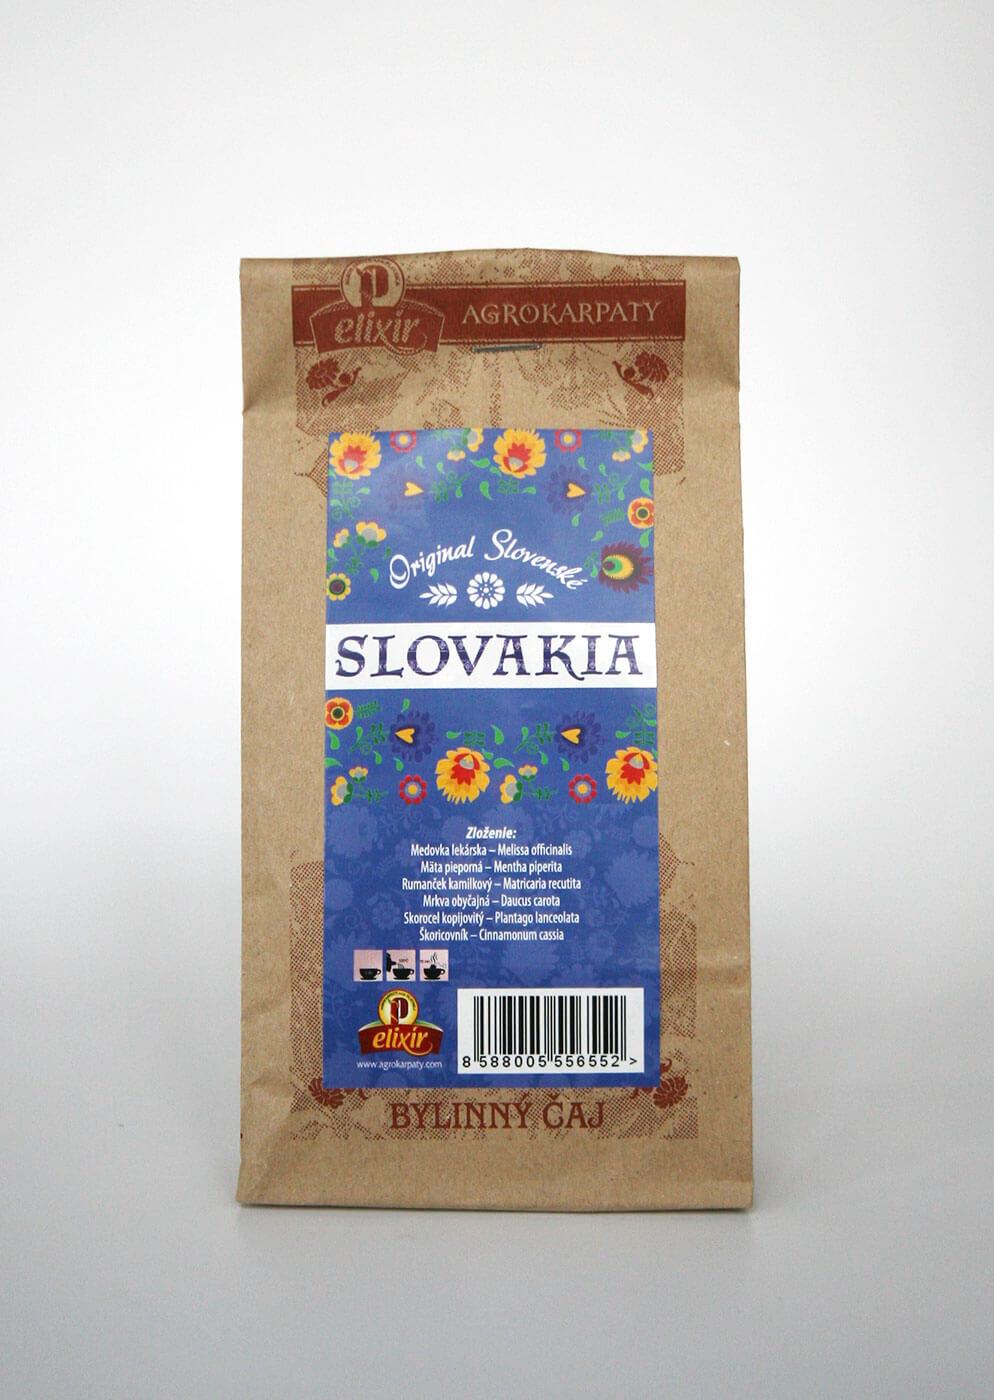 Agrokarpaty Slovakia sypaný čaj modrý (50 g)